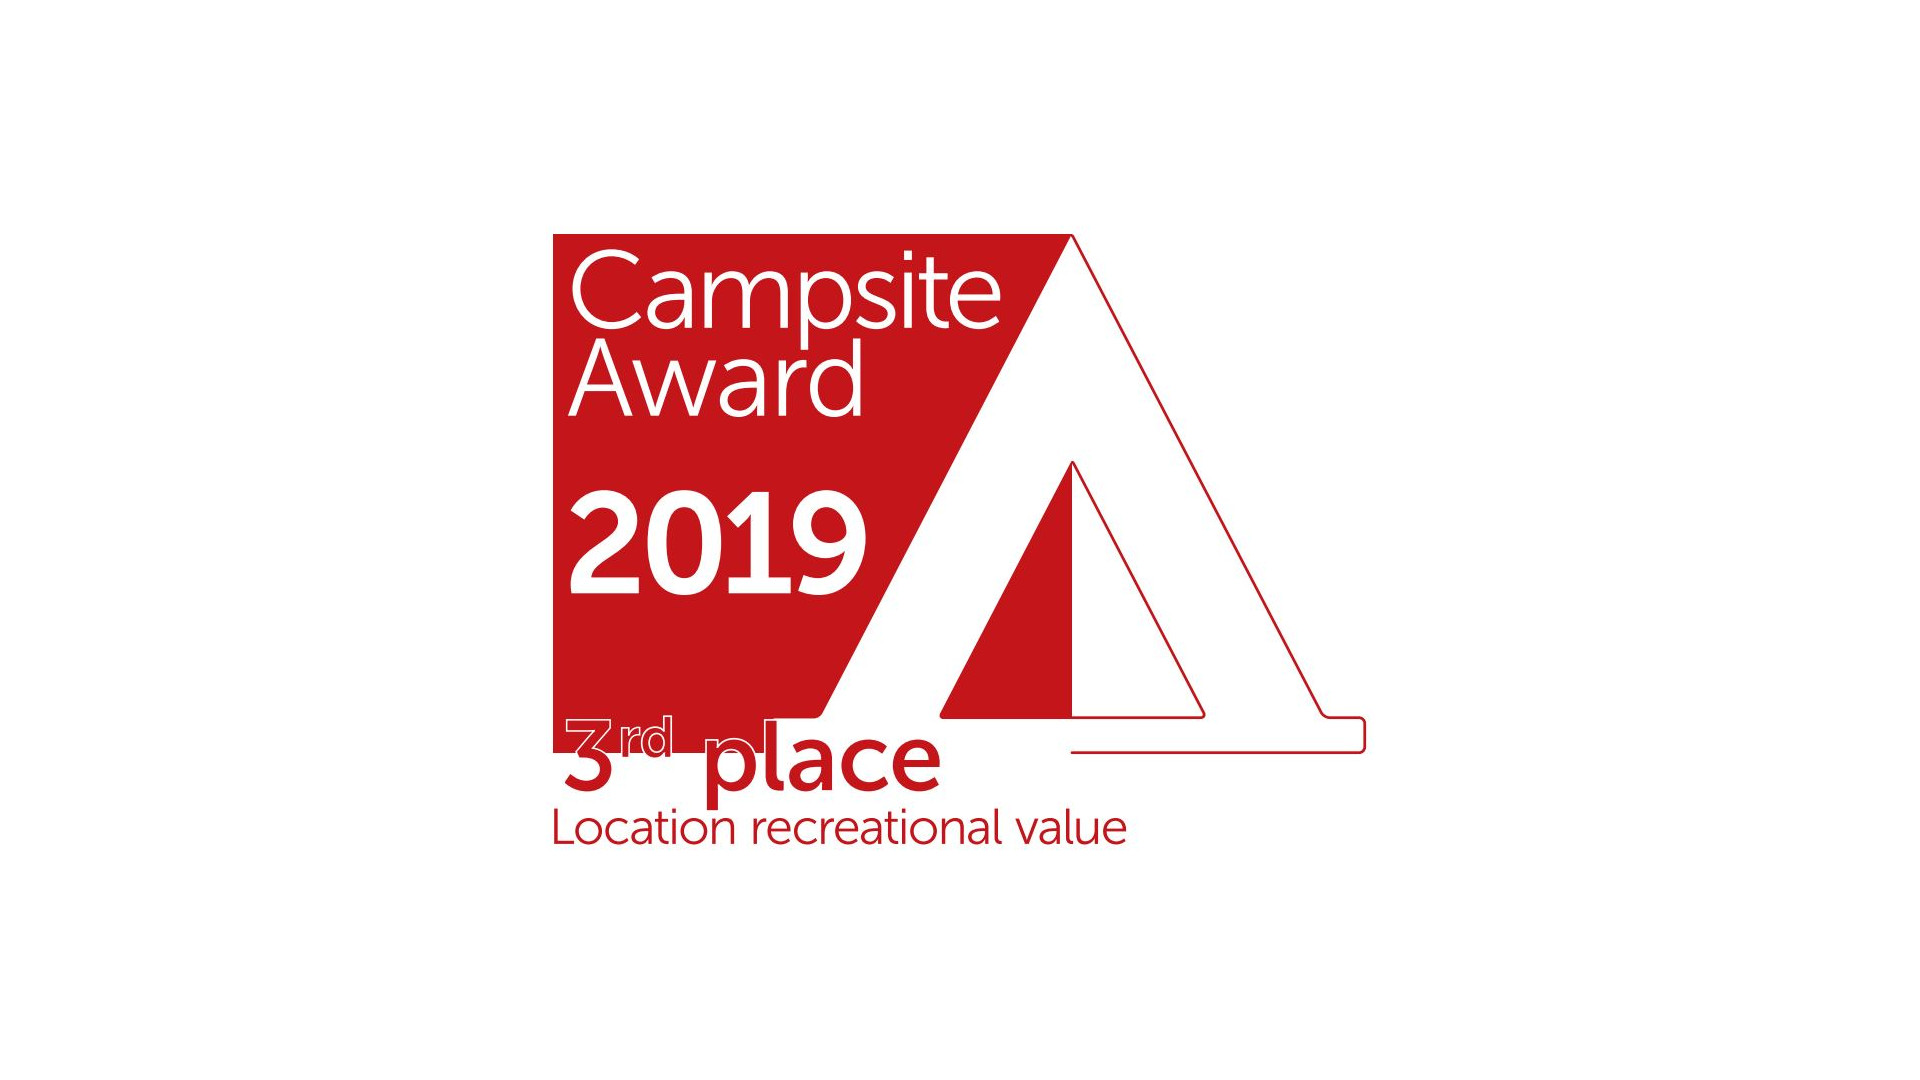 Gewinner 2019, beim Campsite Award in der Kategorie: Lage Erholungswert